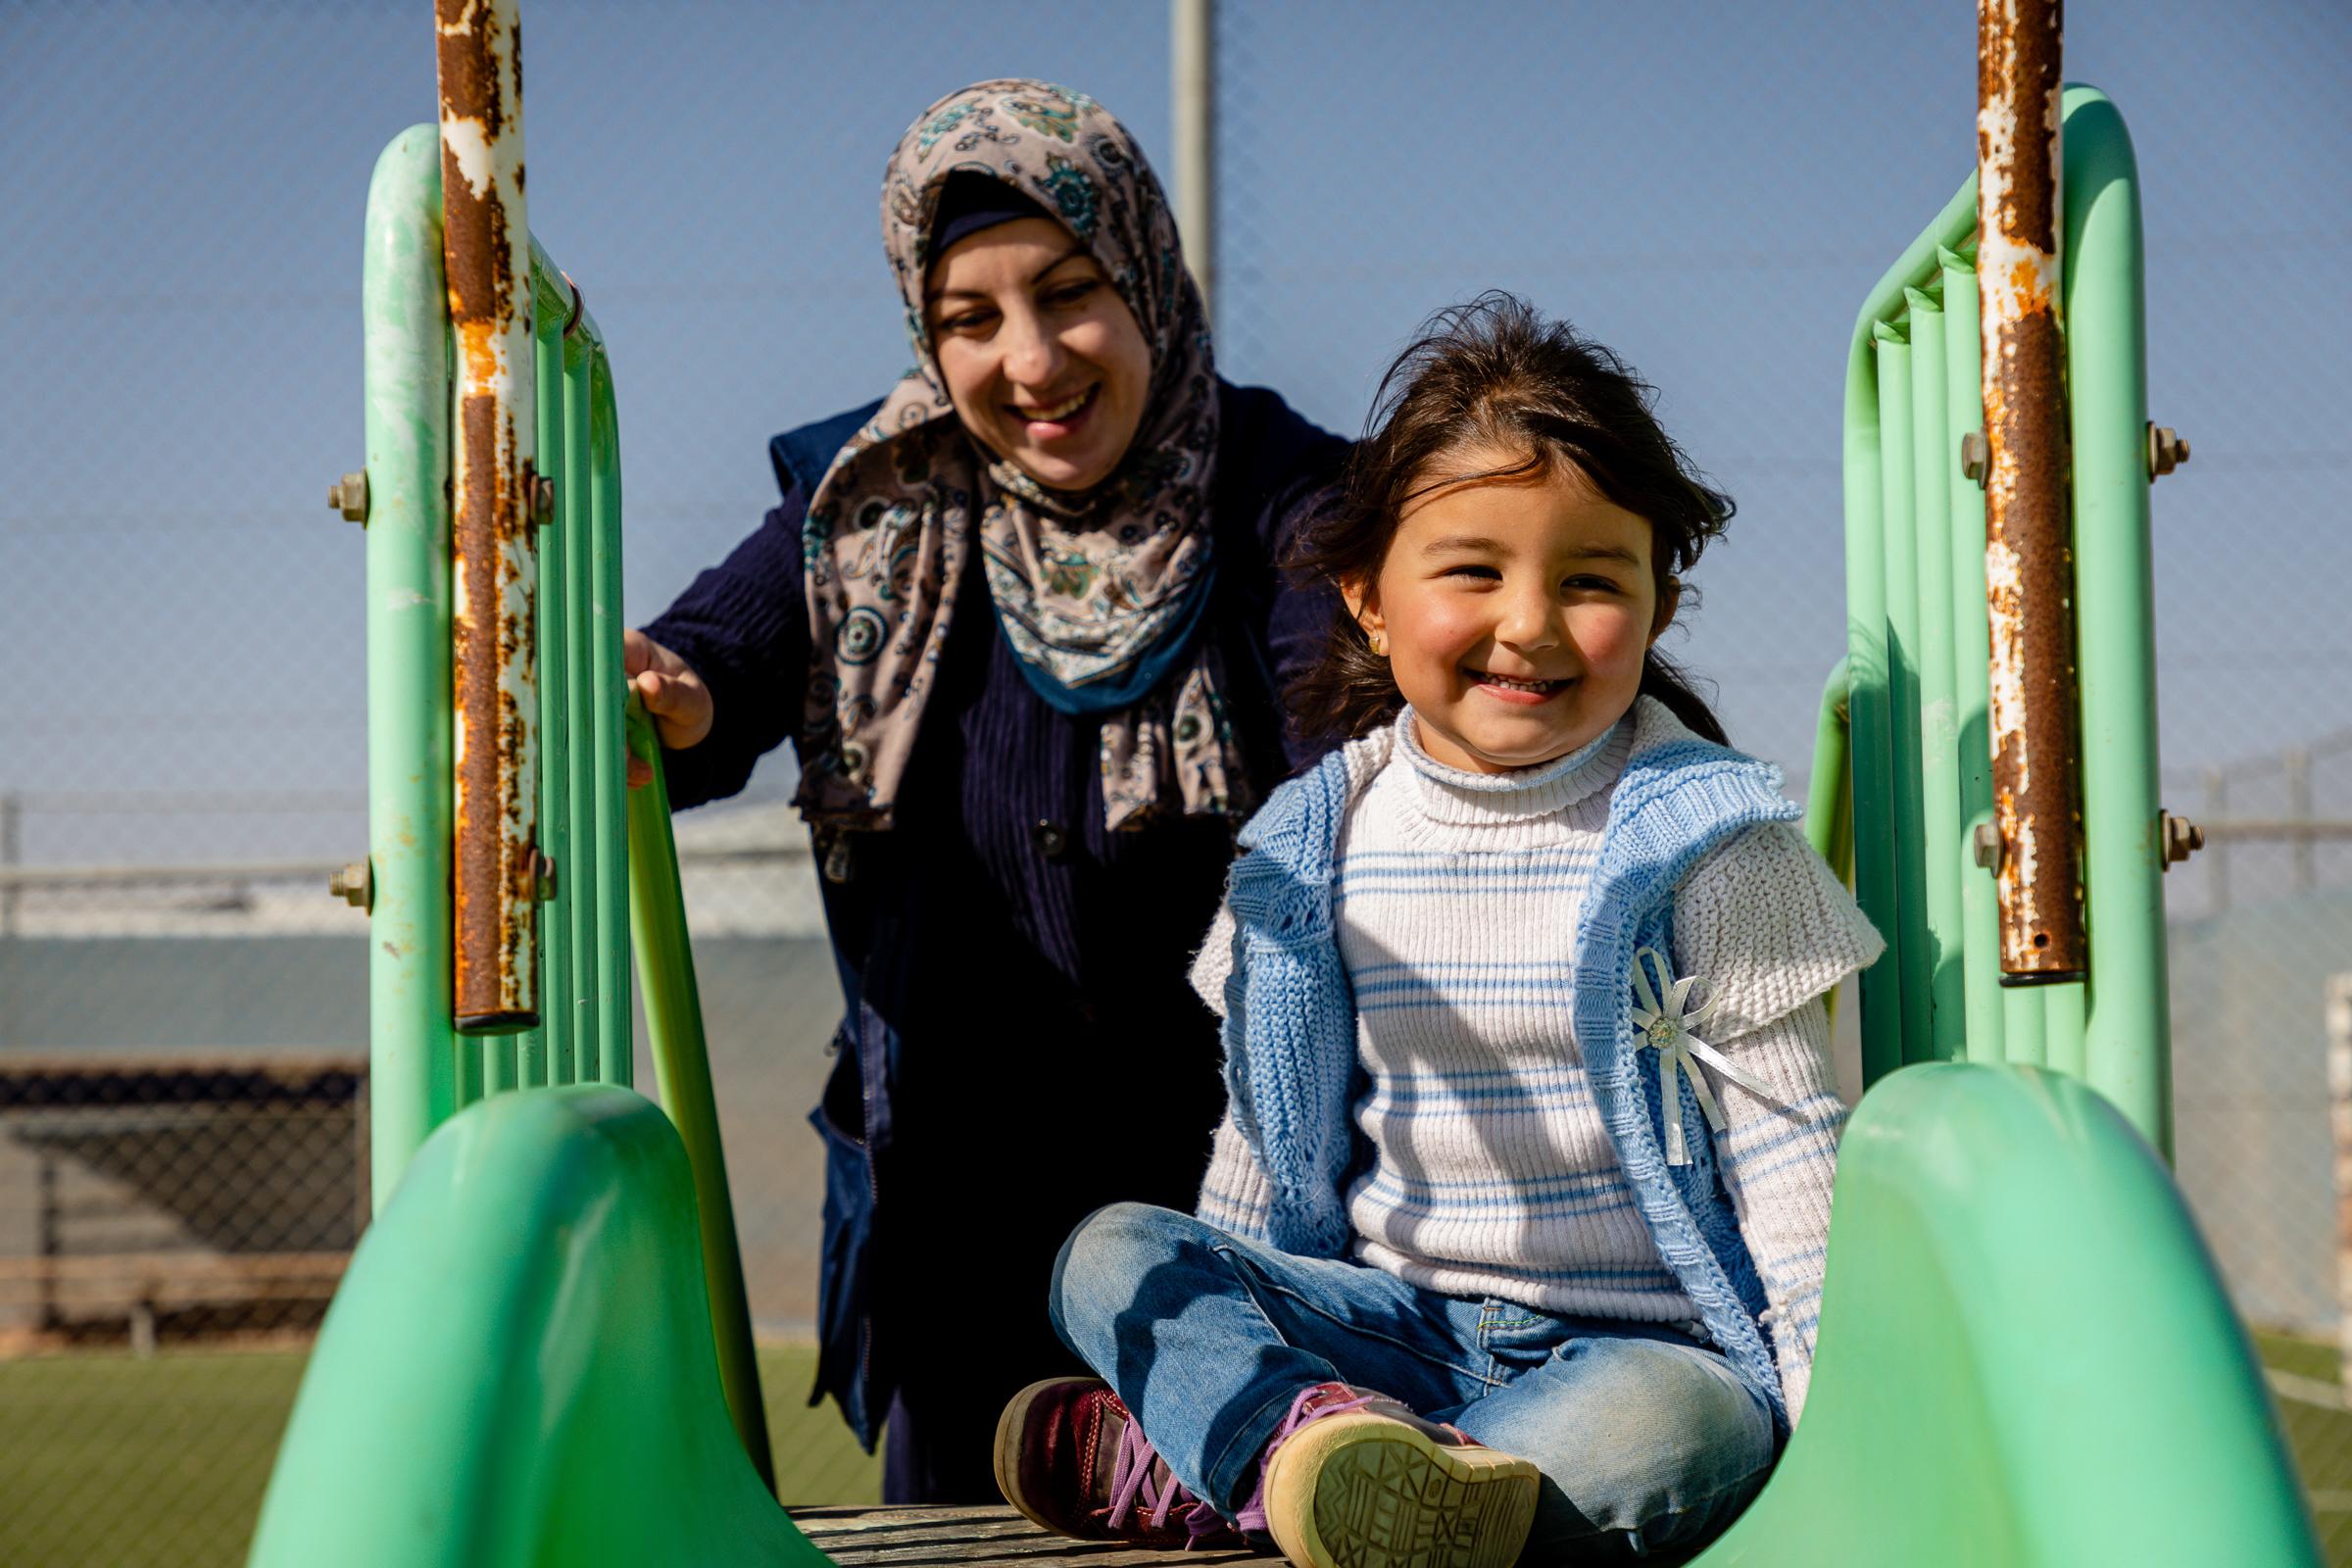 Rana-with-daughter-at-Azraq-ECD-center.jpg